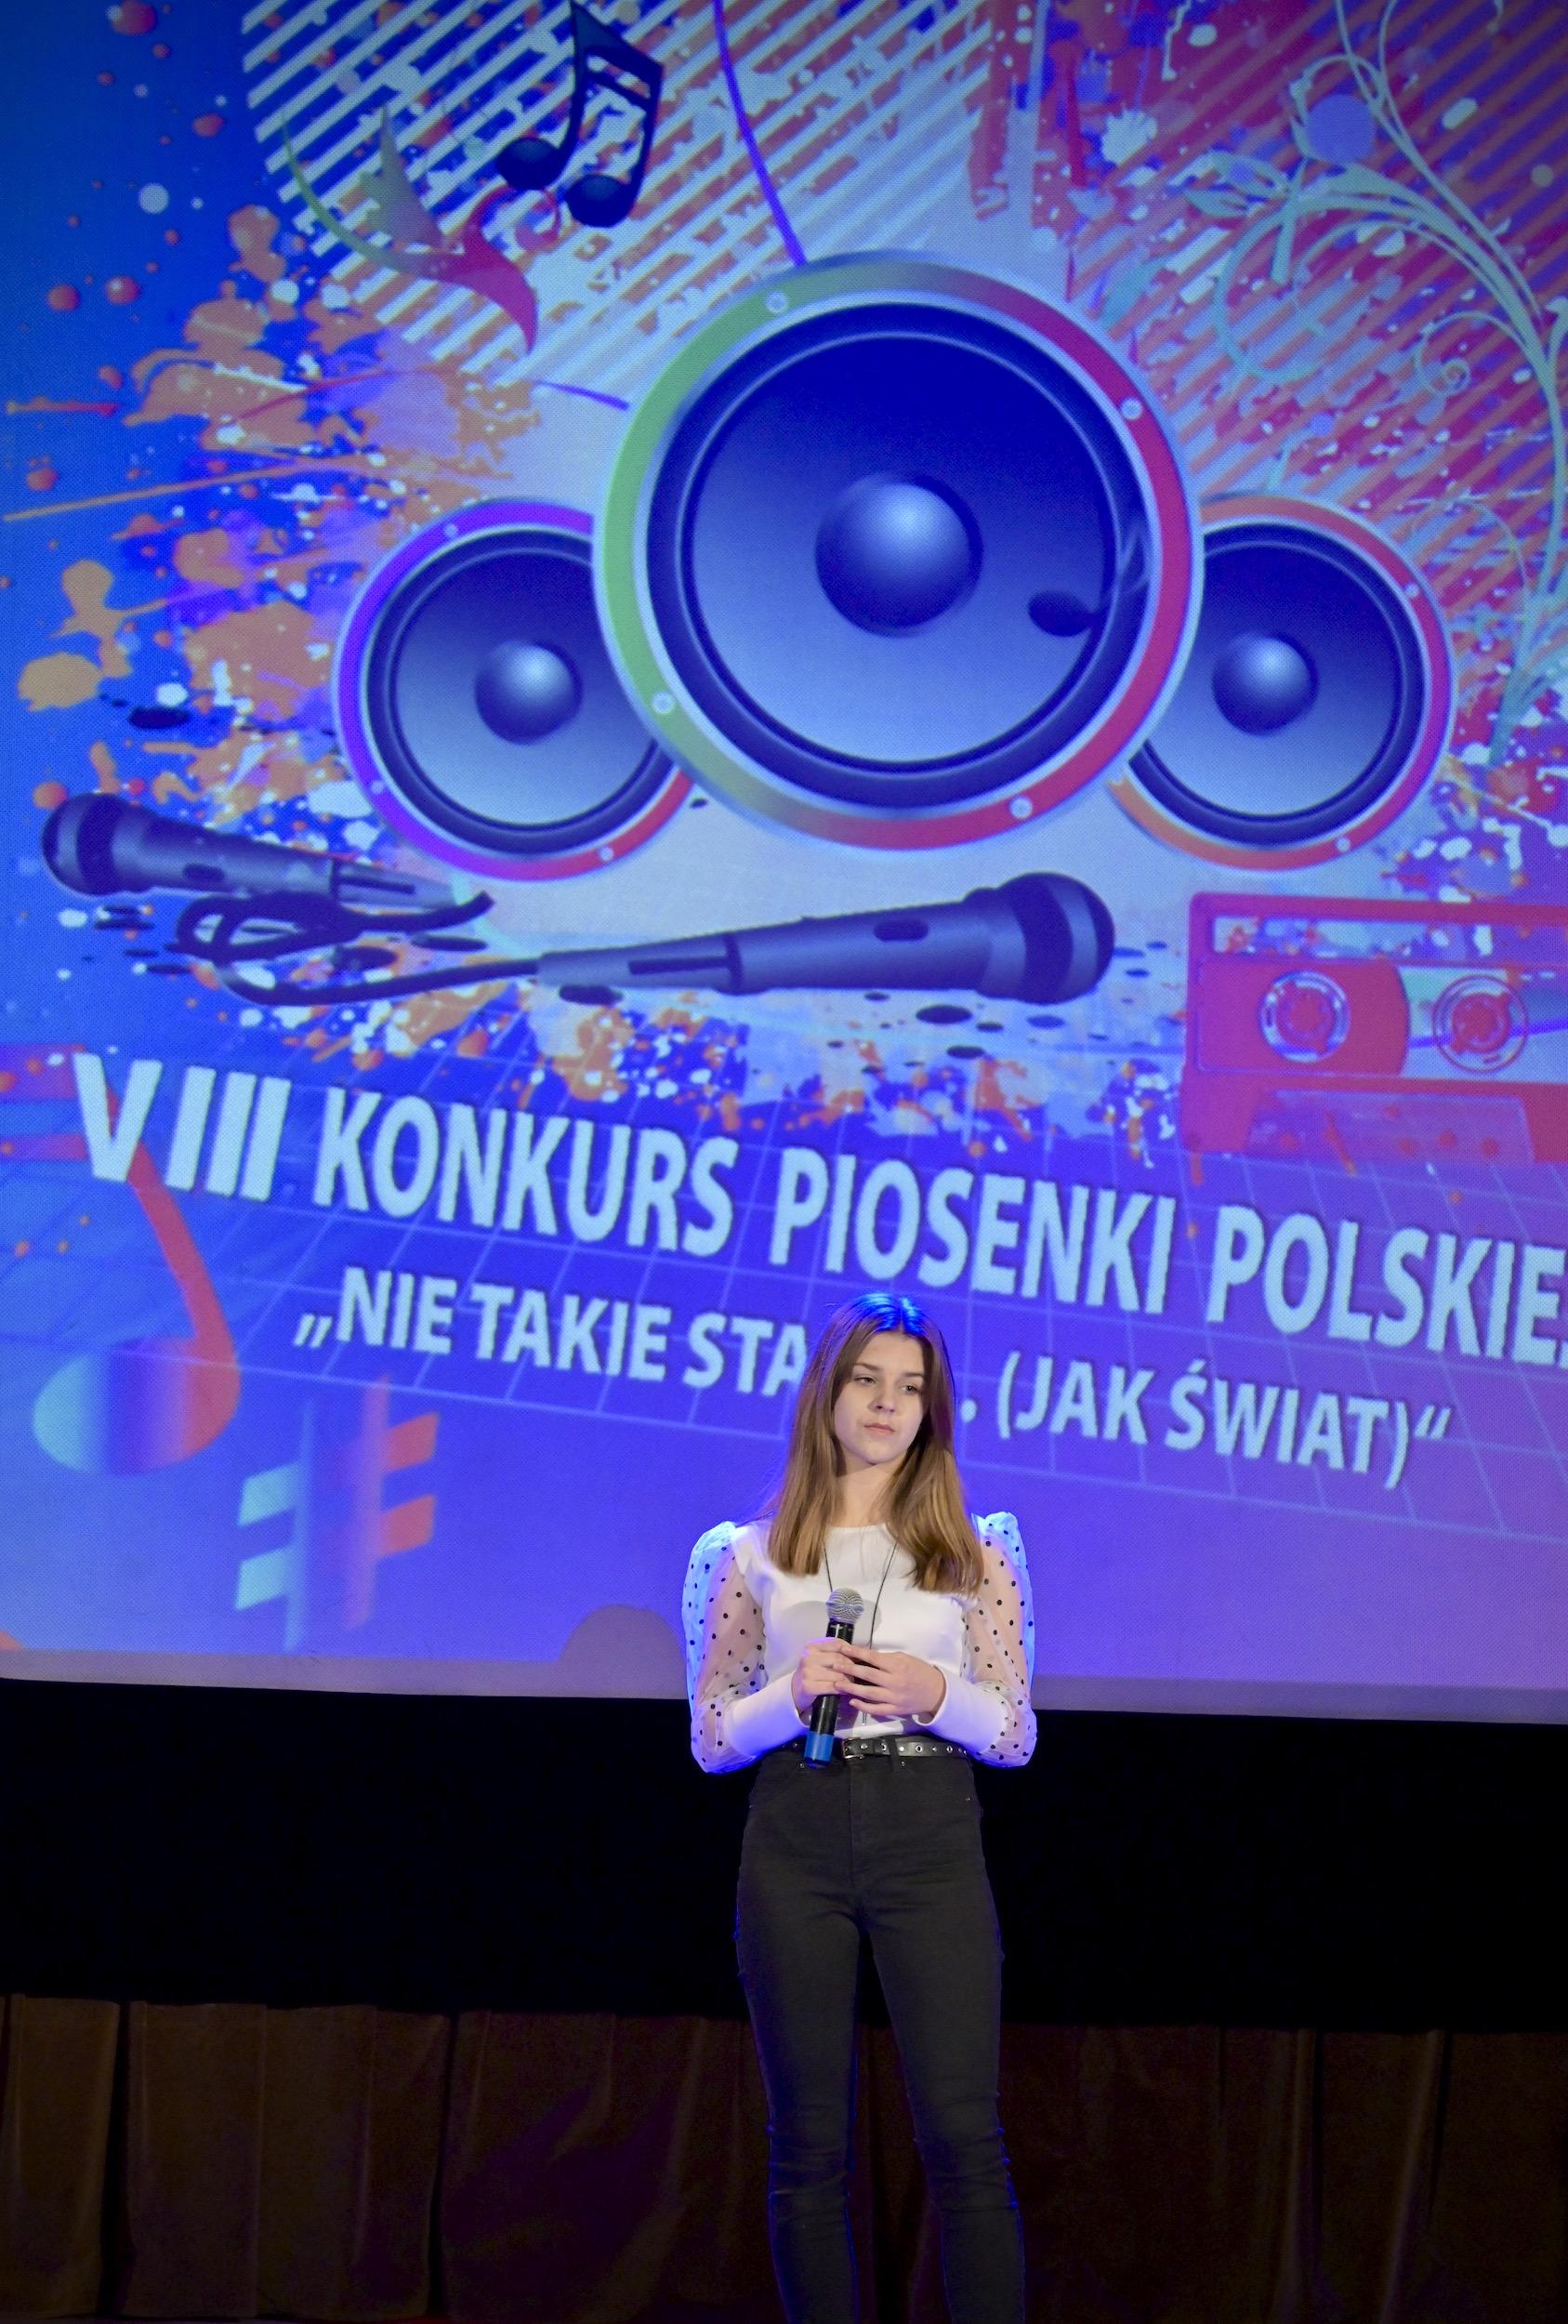 Dziewczyna z ciemnymi włosami, w białej bluzce i ciemnych spodniach śpiewa na scenie. W rękach trzyma mikrofon. Za nią na ekranie wyświetlone logo konkursu.